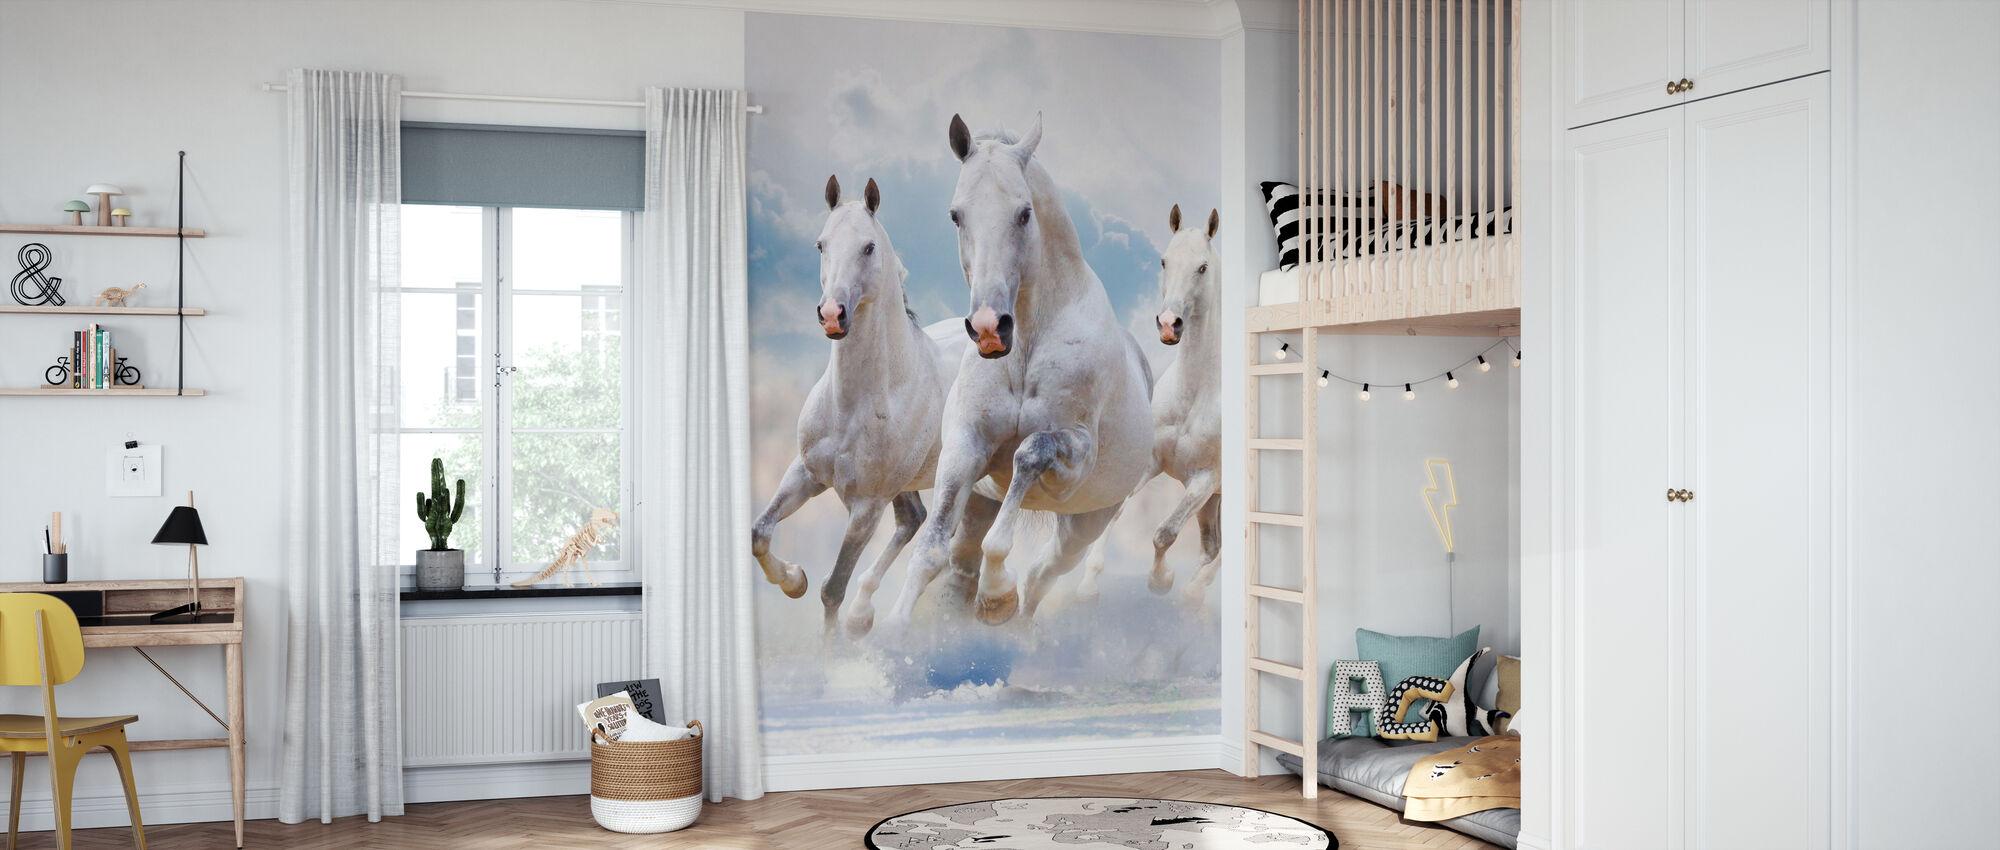 Himmelspferde - Tapete - Kinderzimmer